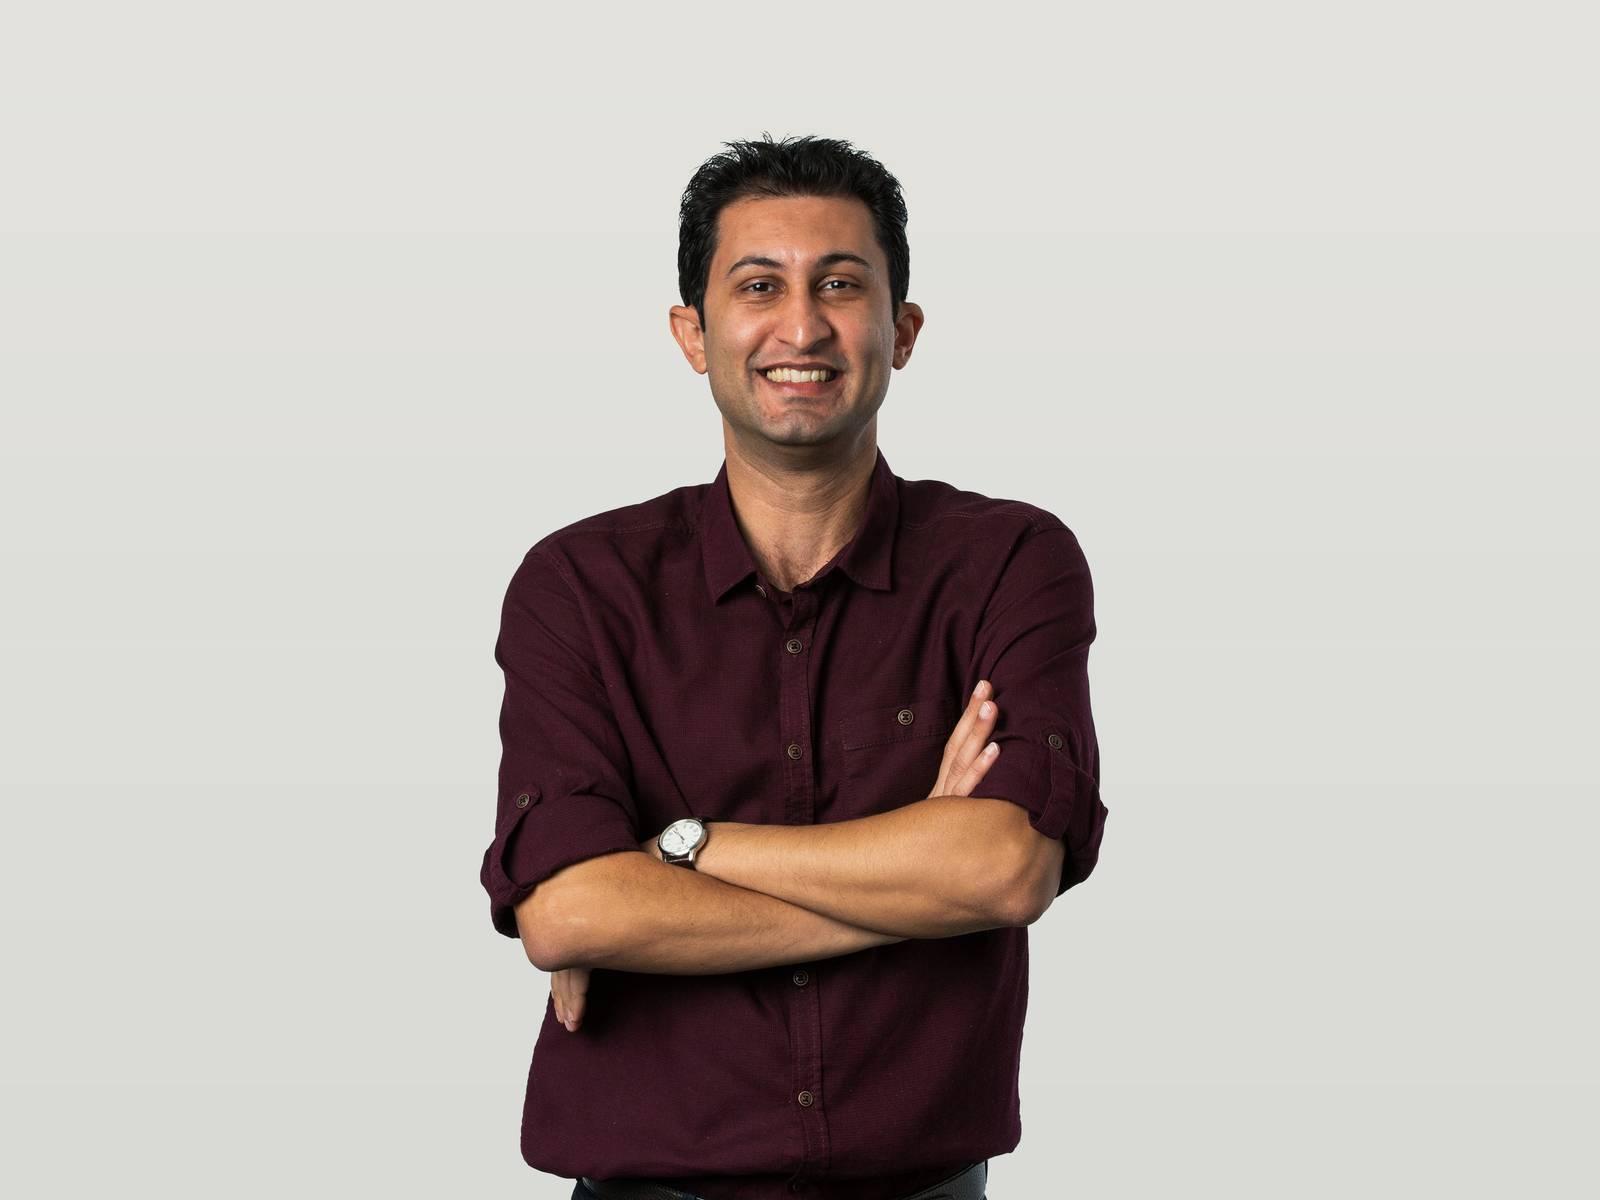 A profile image of Ali Haghnia